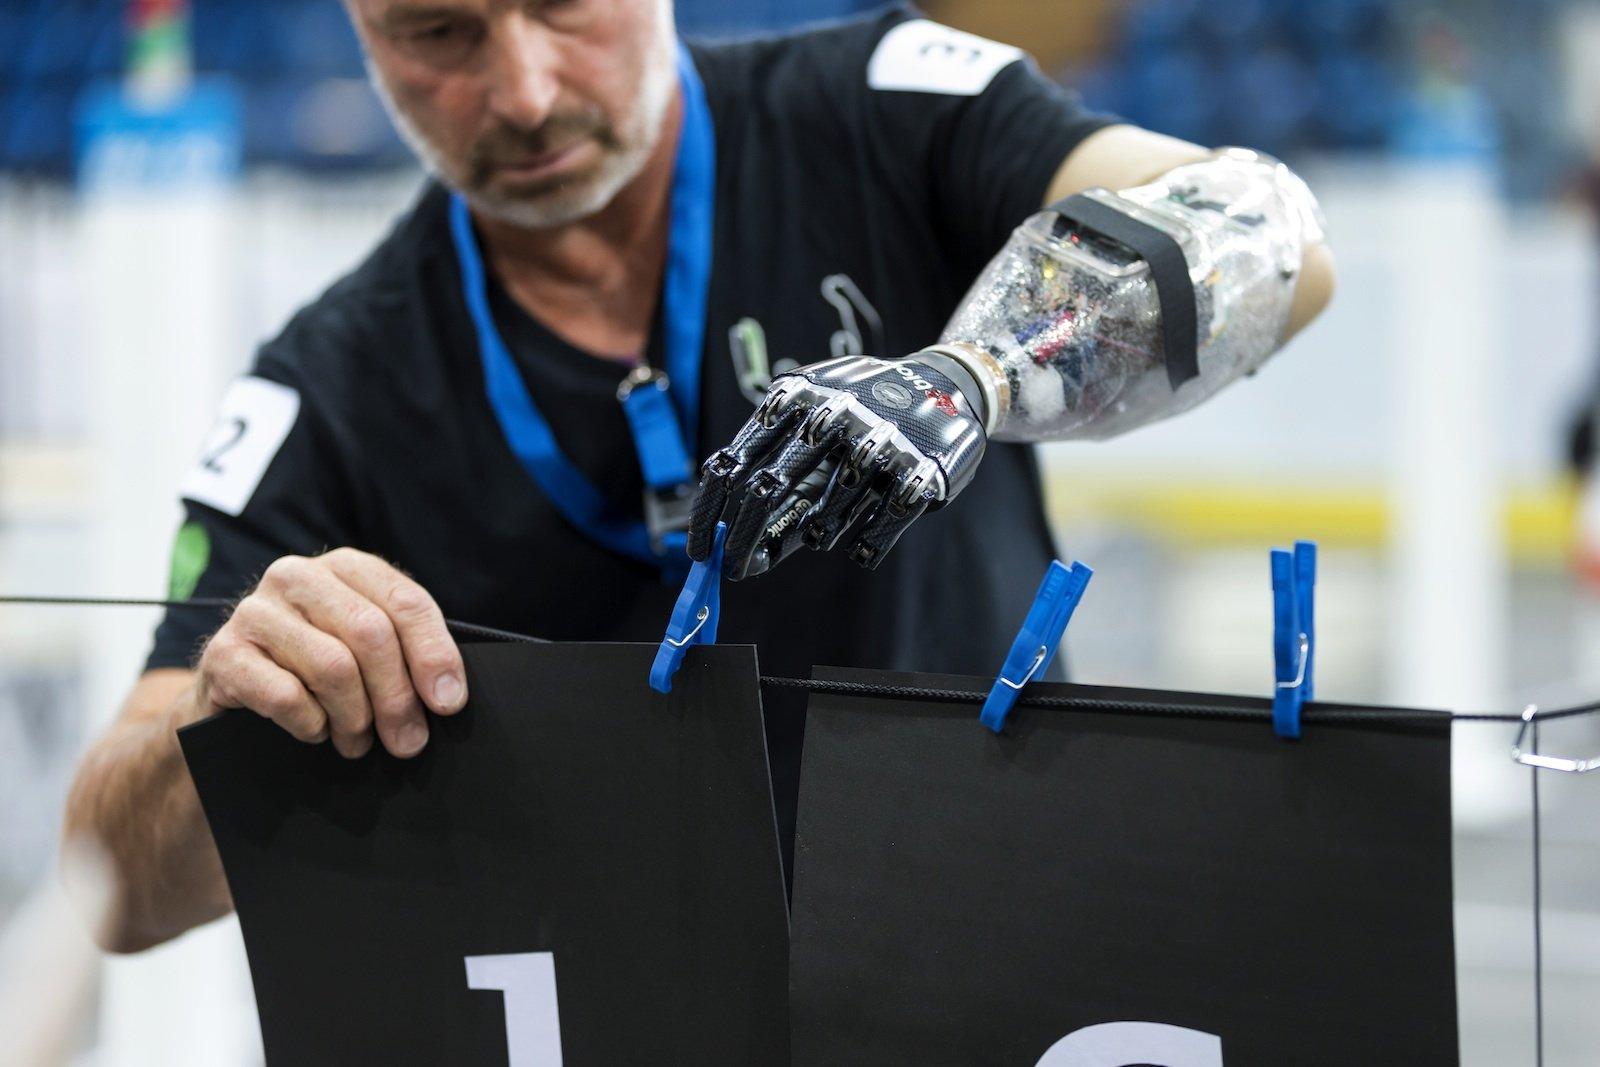 Wäsche aufhängen: BeimGeschicklichkeitsparcours mit angetriebenen Armprothesensollen verschiedene Aufgaben Alltagsaktivitäten möglichst gut nachbilden.